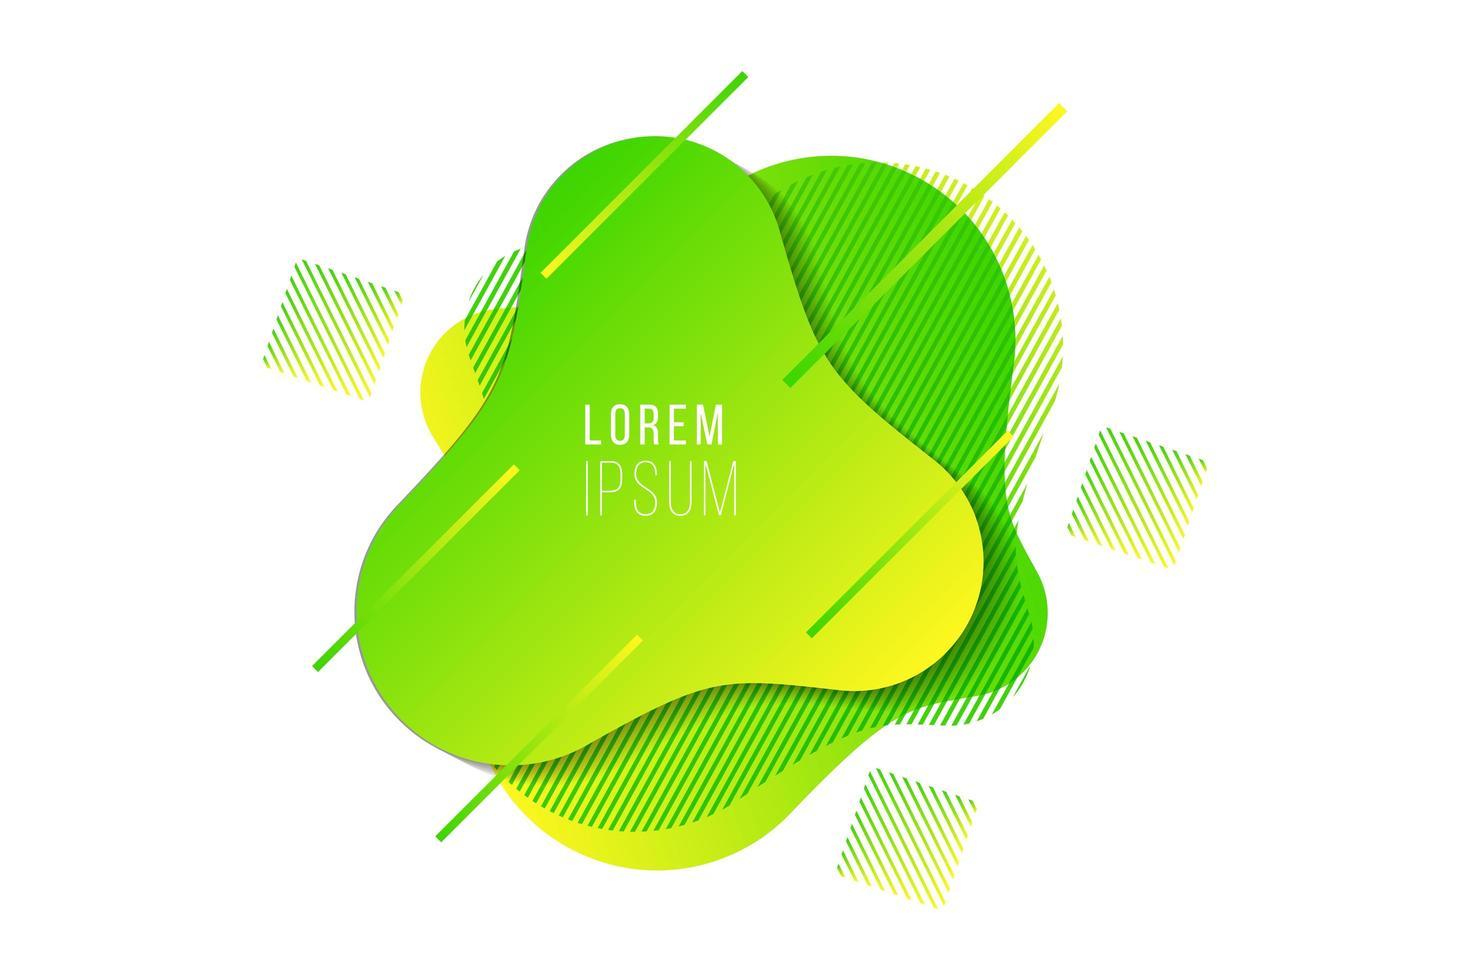 Élément de bannière fluide dégradé abstrait jaune vert moderne vecteur